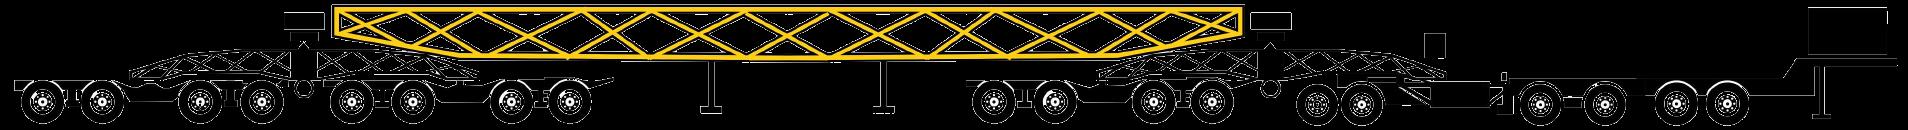 18 axle trailer